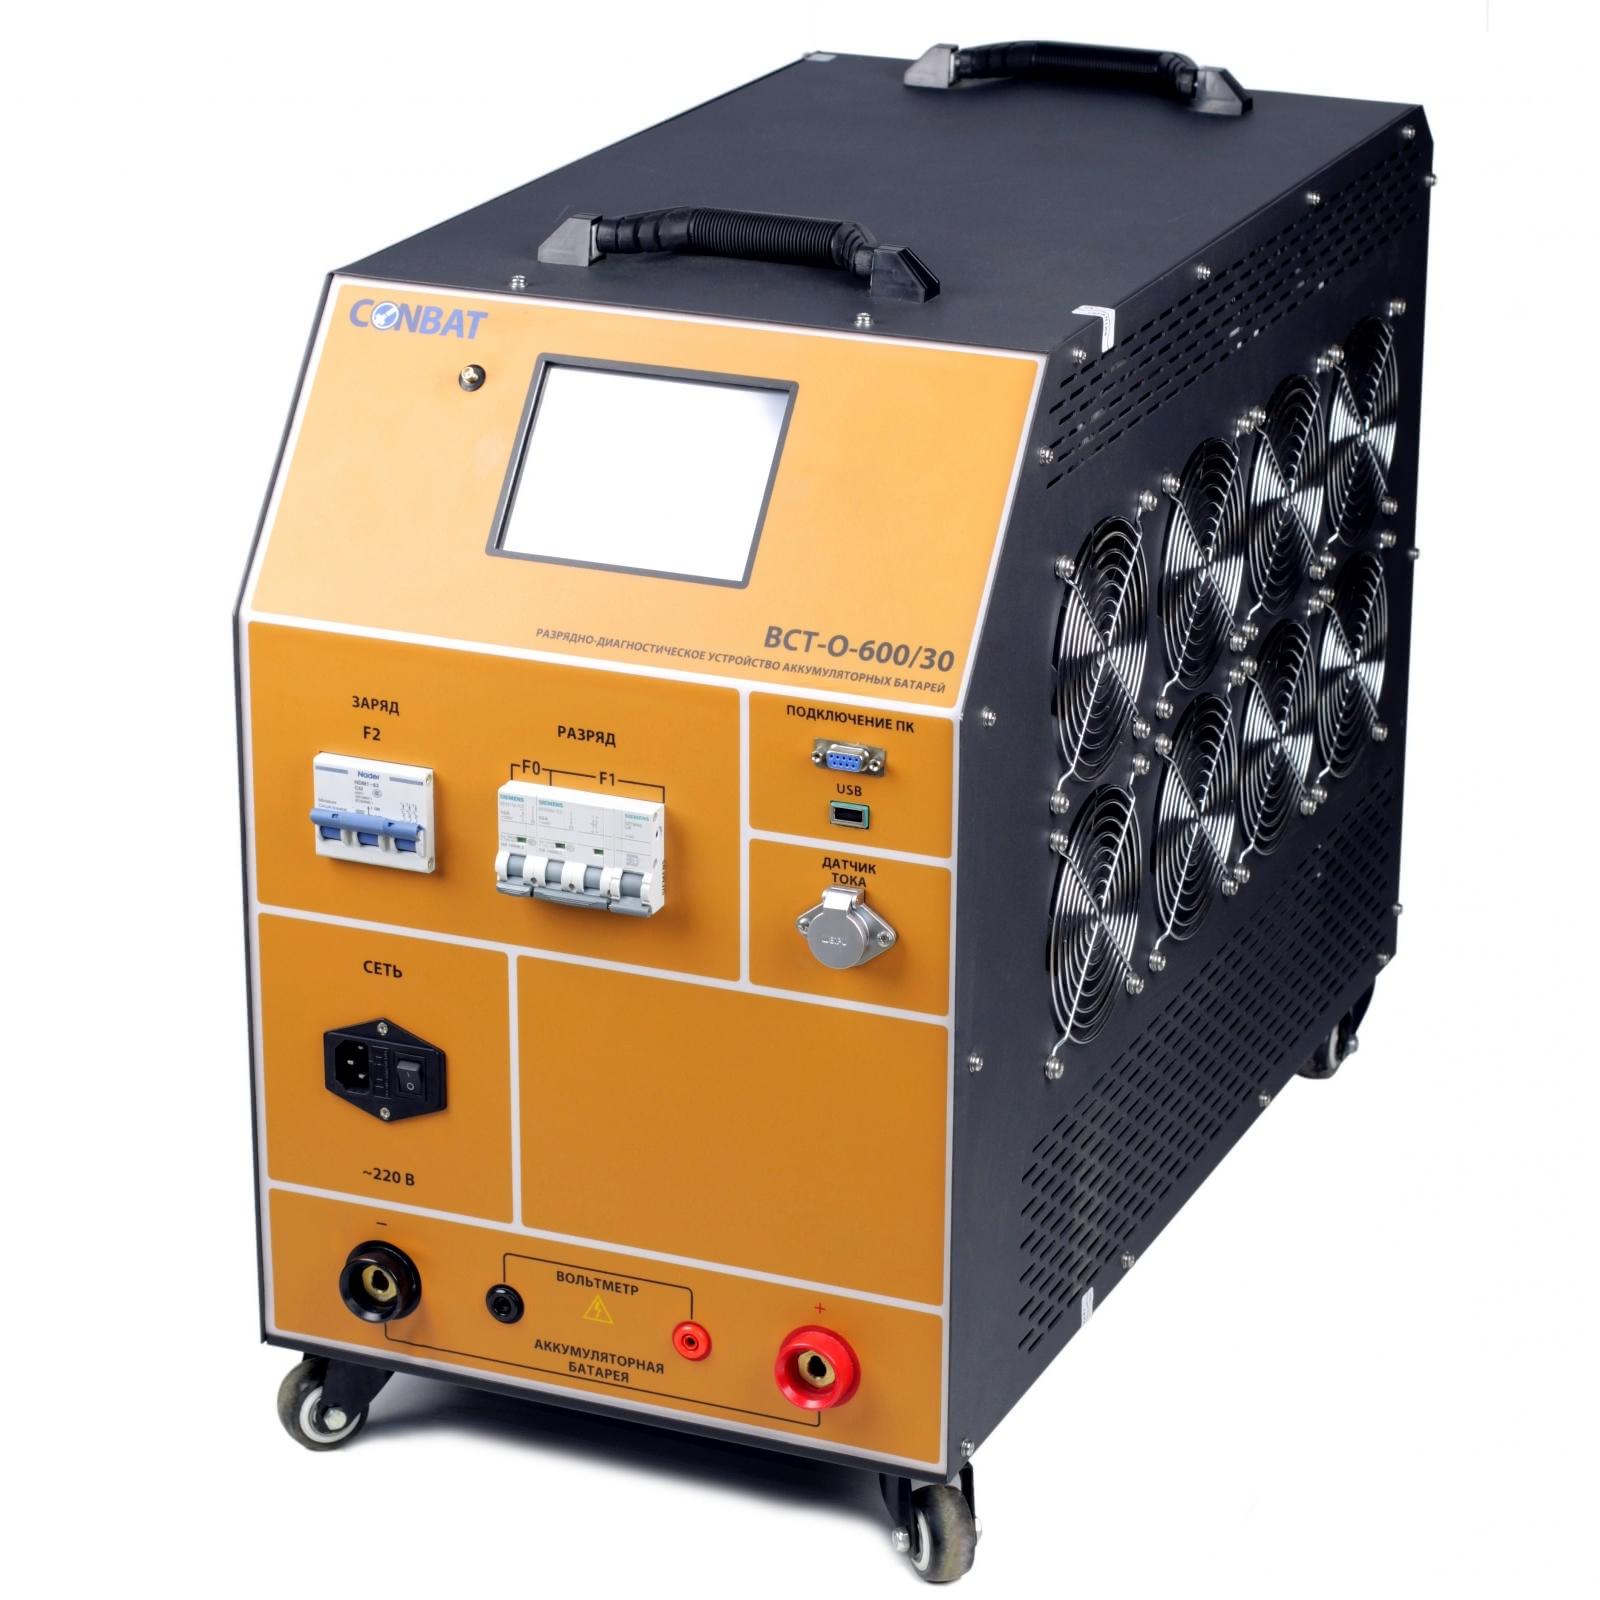 Разрядное устройство аккумуляторных батарей Conbat BCT-600/30